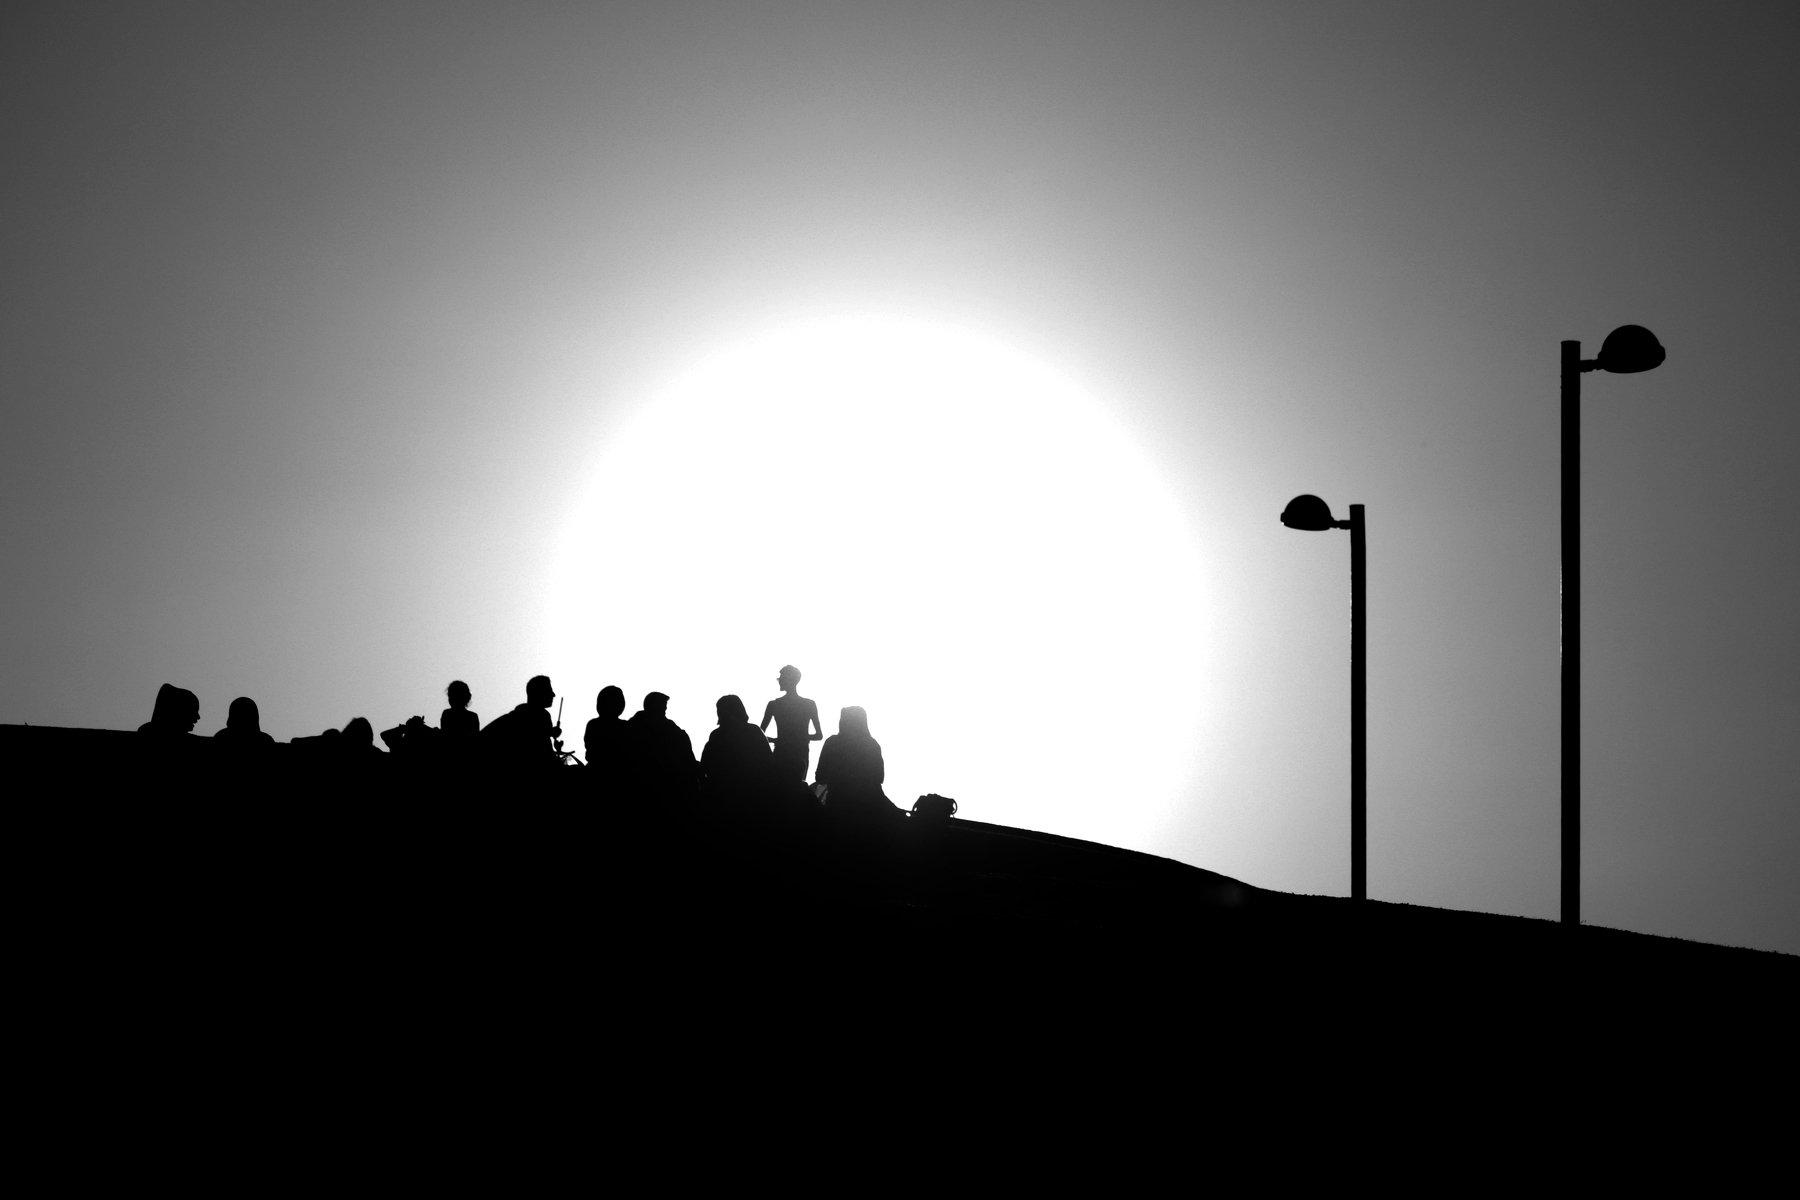 silhouet black and white people sky, algazin vladimir